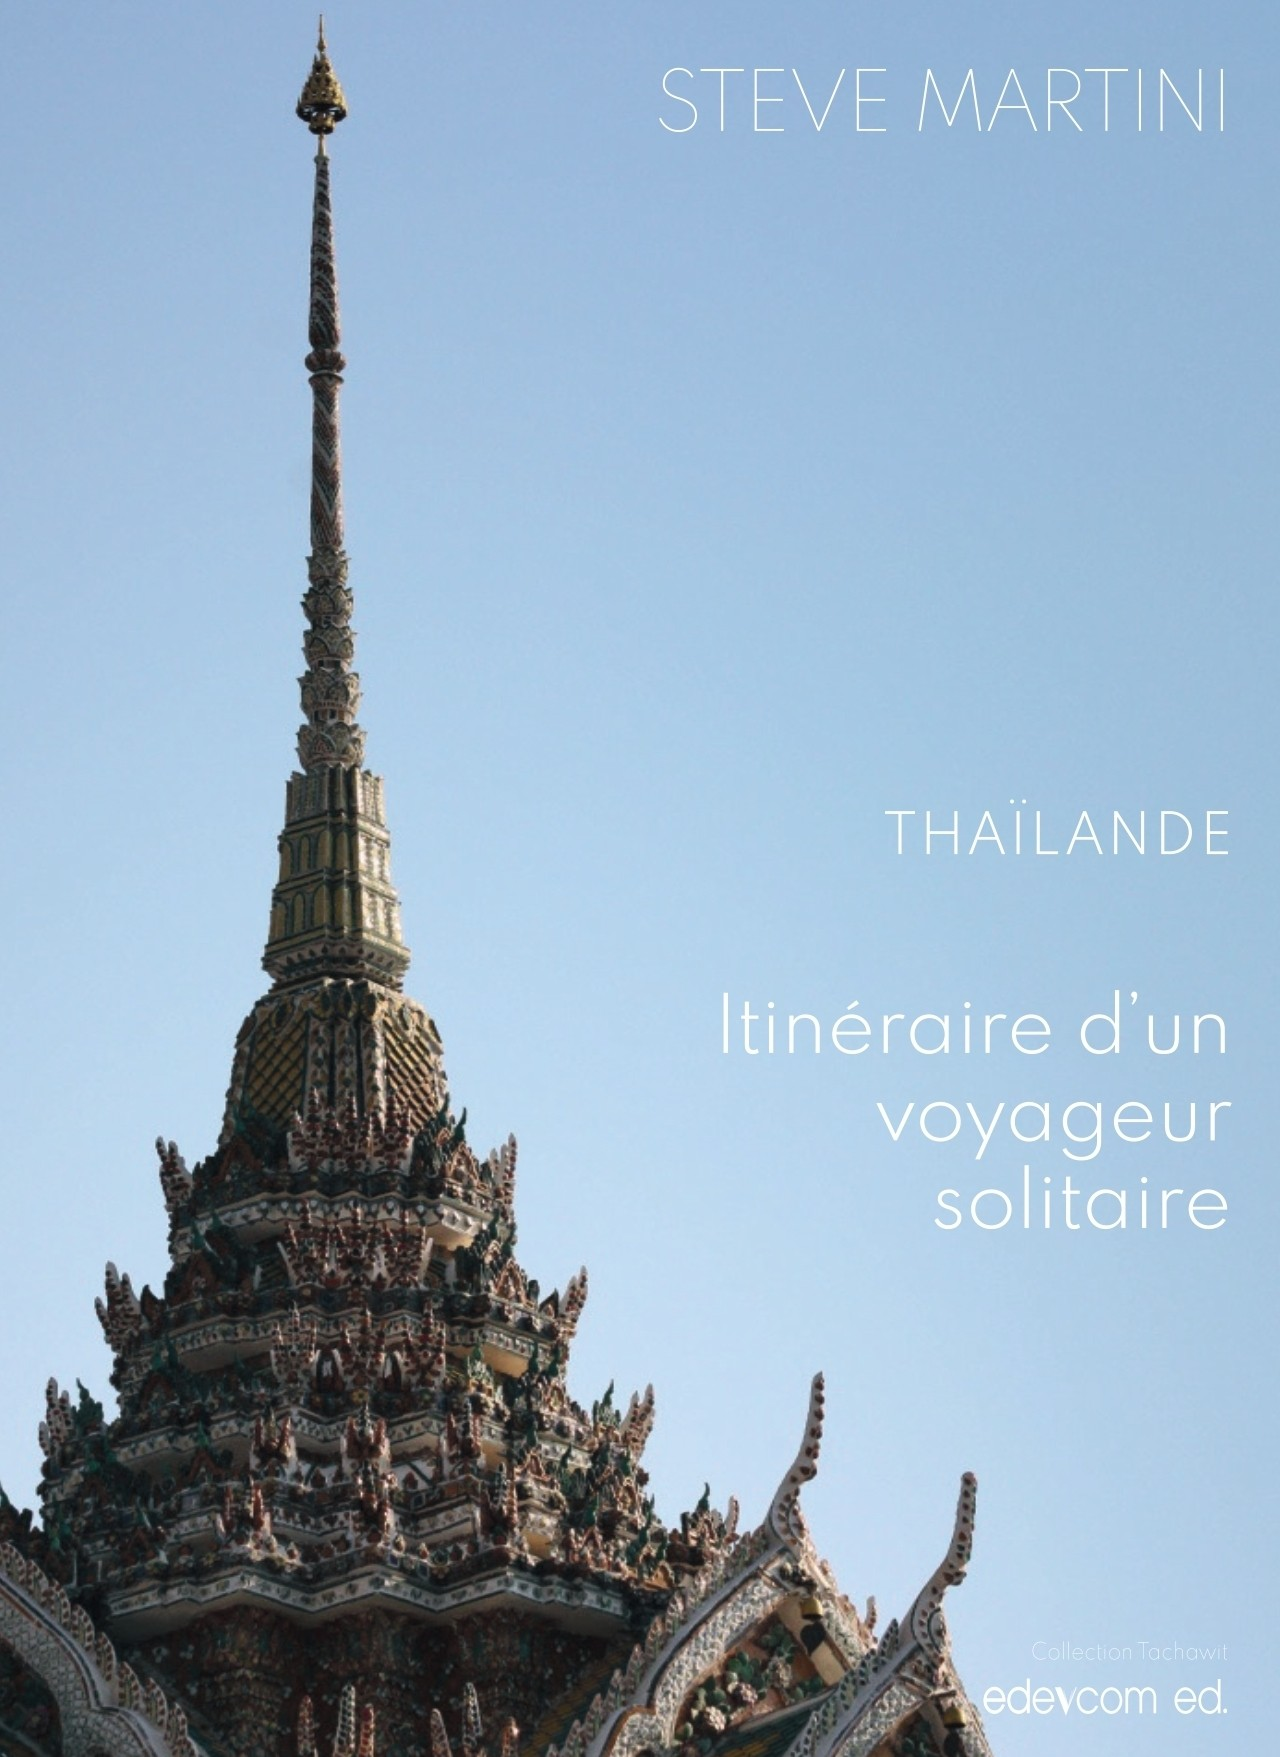 Thaïlande, itinéraire d'un voyageur solitaire